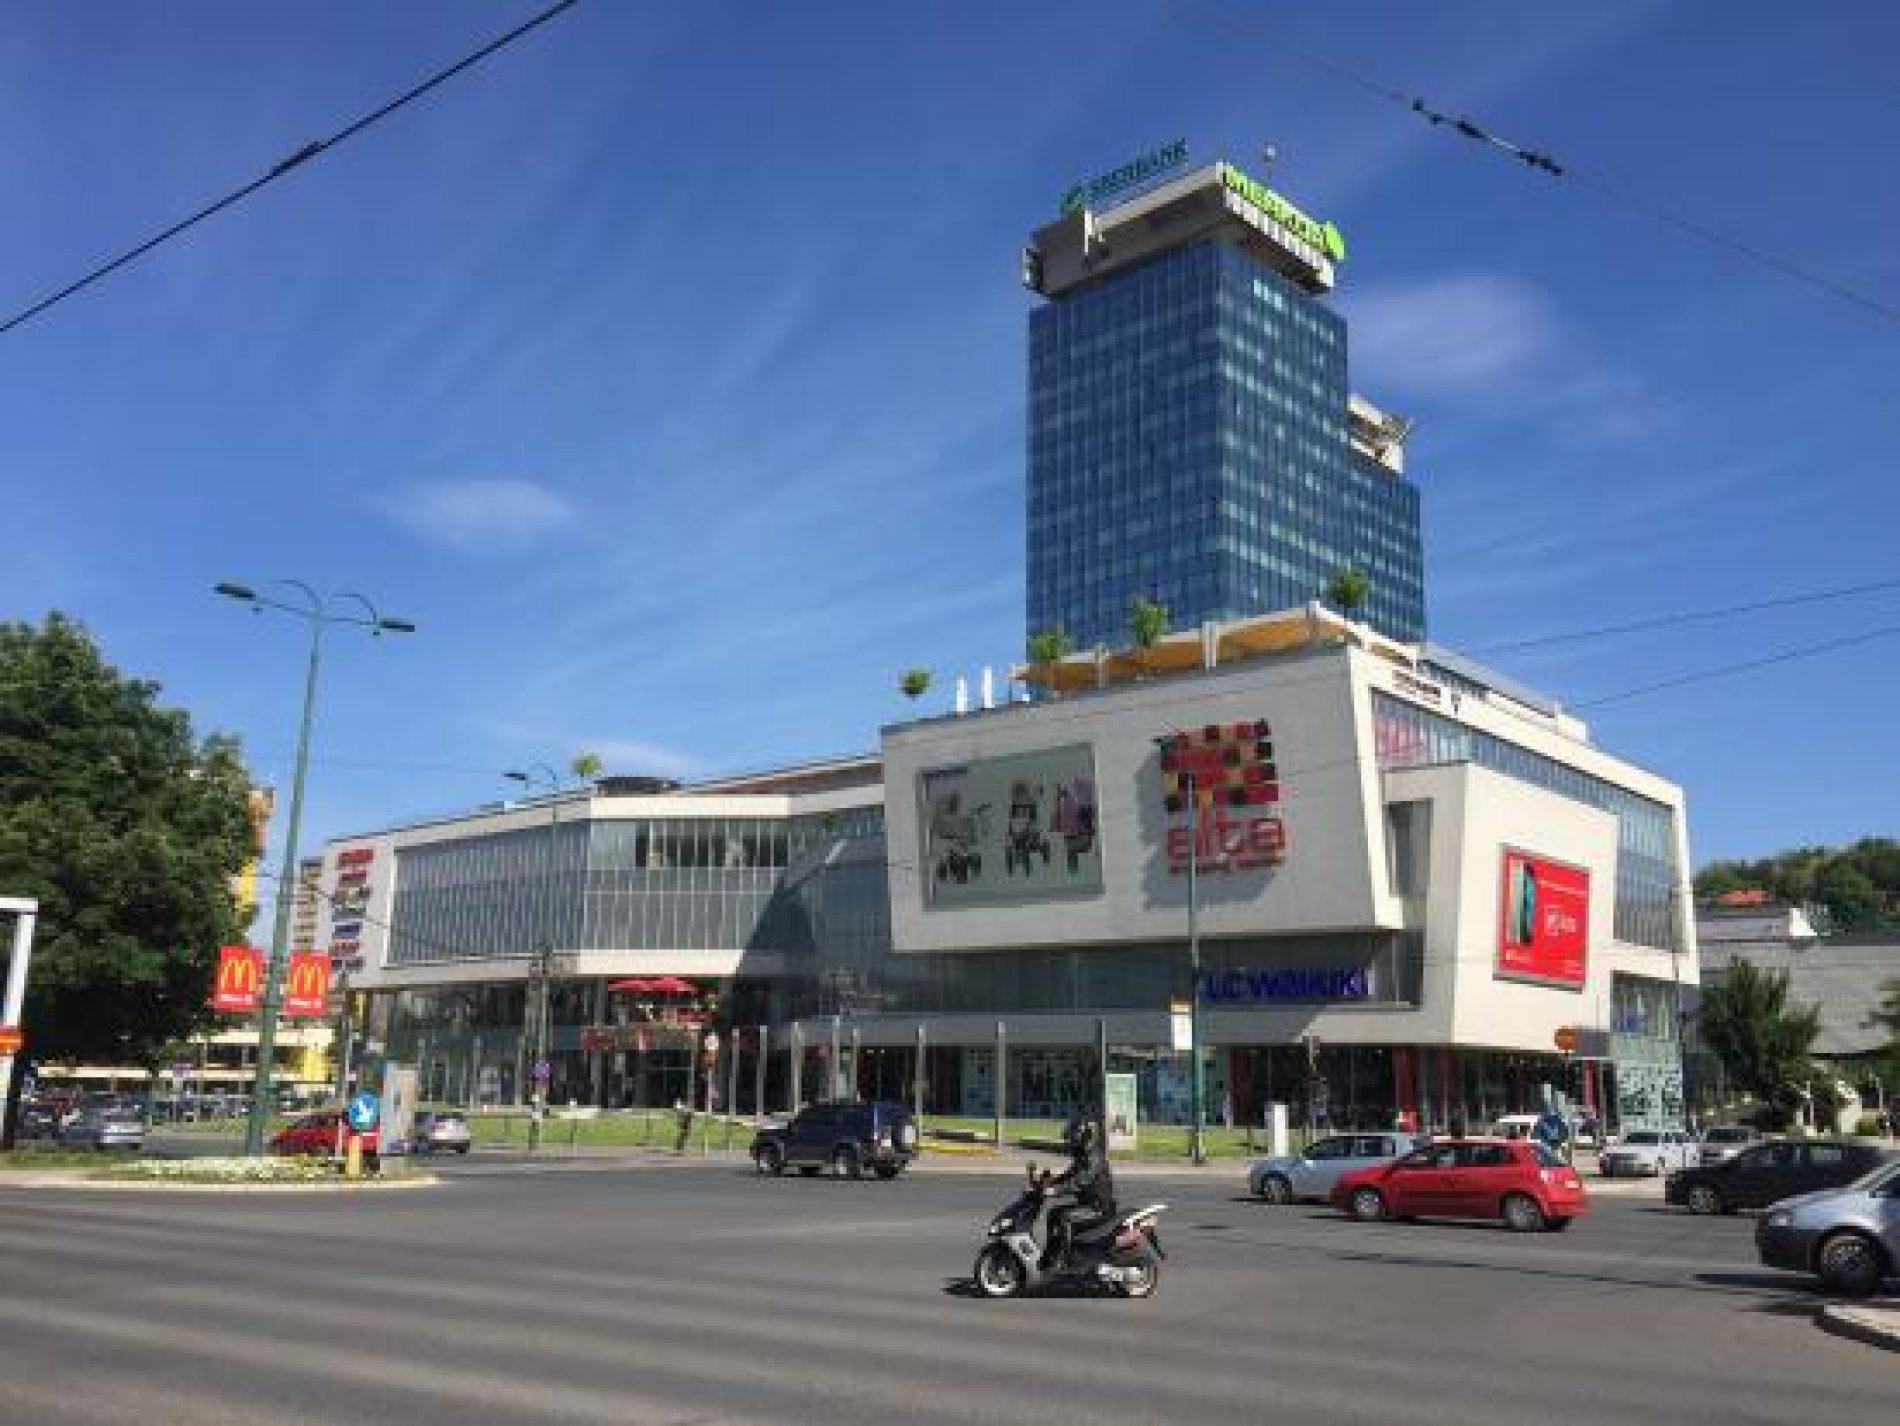 Bingo zvanično preuzeo Alta Shopping Center u Sarajevu: Čim se steknu uslovi otvaraju hipermarket